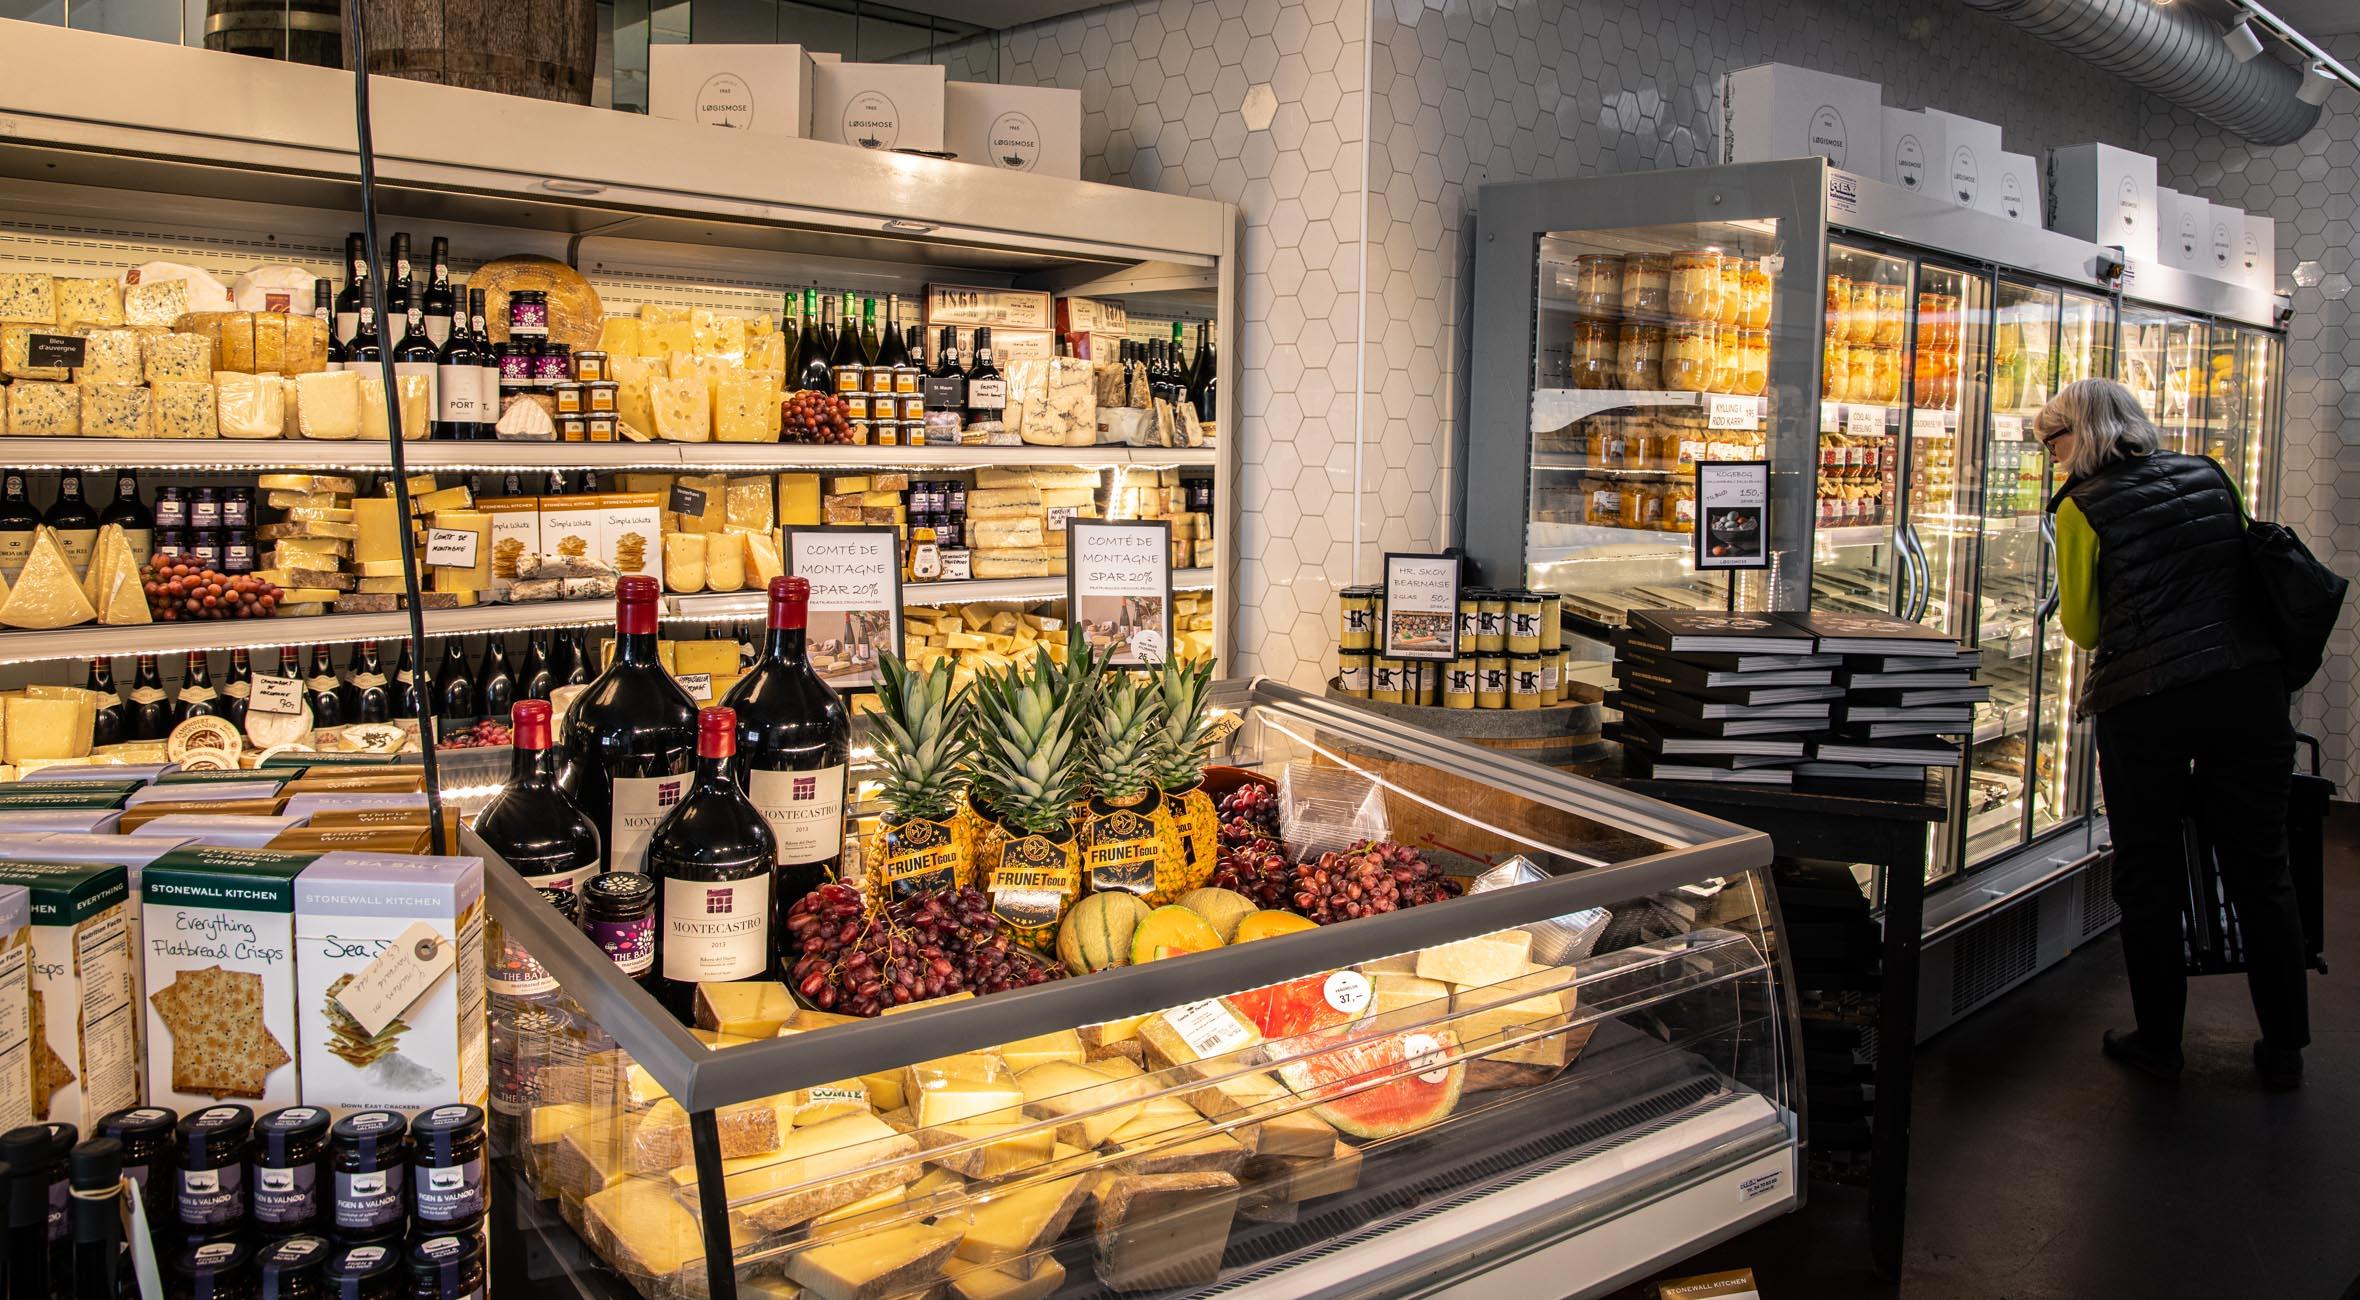 Frit valg til alt i Løgismoses gourmet-supermarked på Nordre Toldbod – 500 kvm stort madunivers bugner med alt fra håndlavede oste til charcuterie, østers, chokolade, spiritus og vin